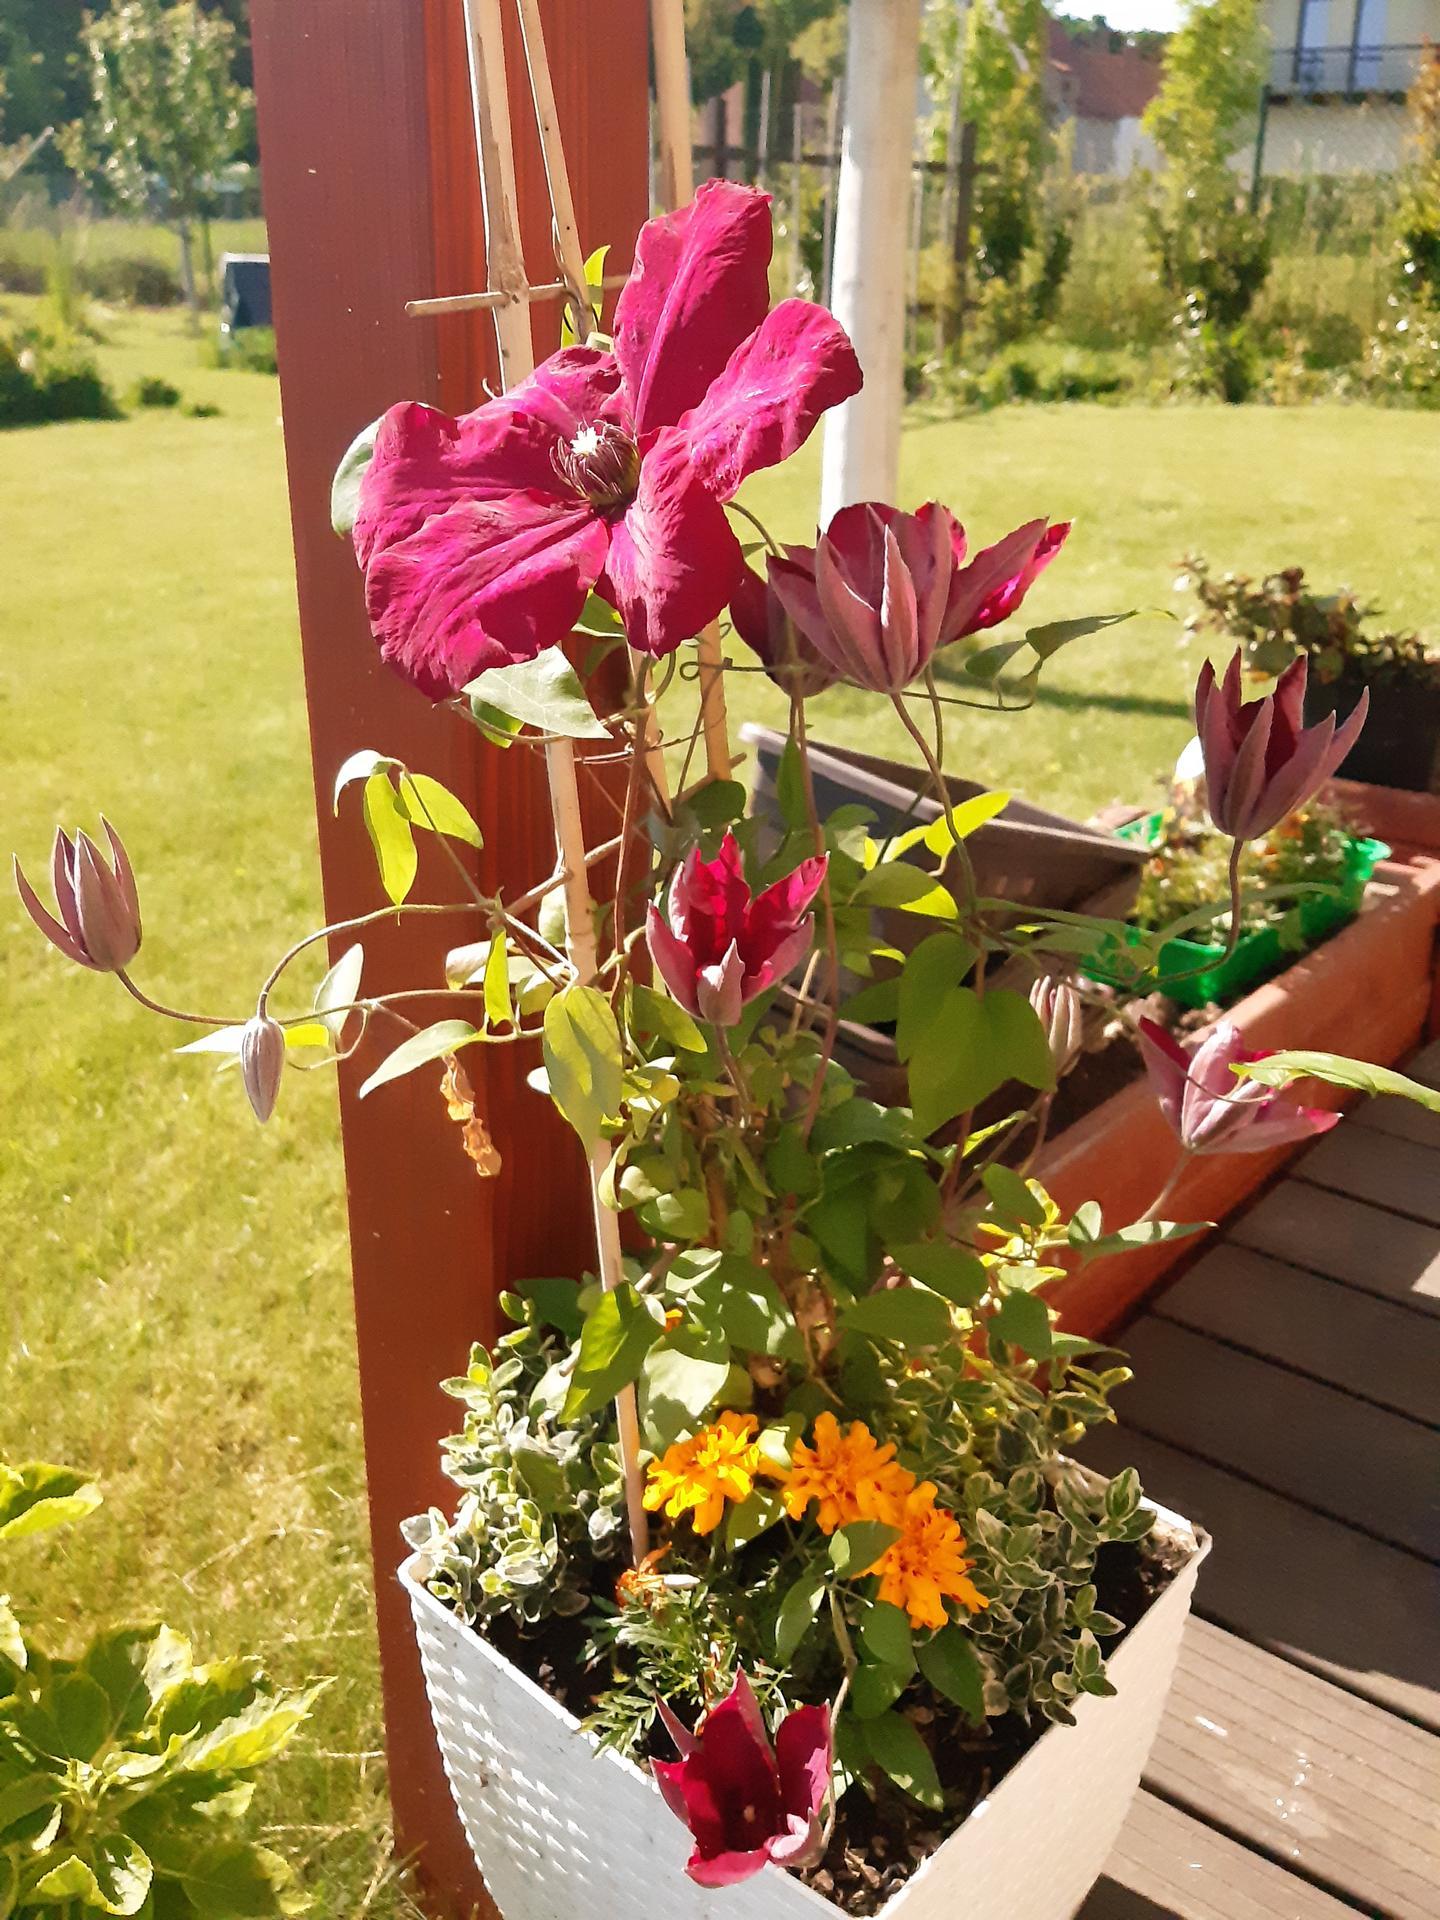 Zahrada 2021 - první clematis, který vypadá, že nechcípá pod mojí péčí =-)